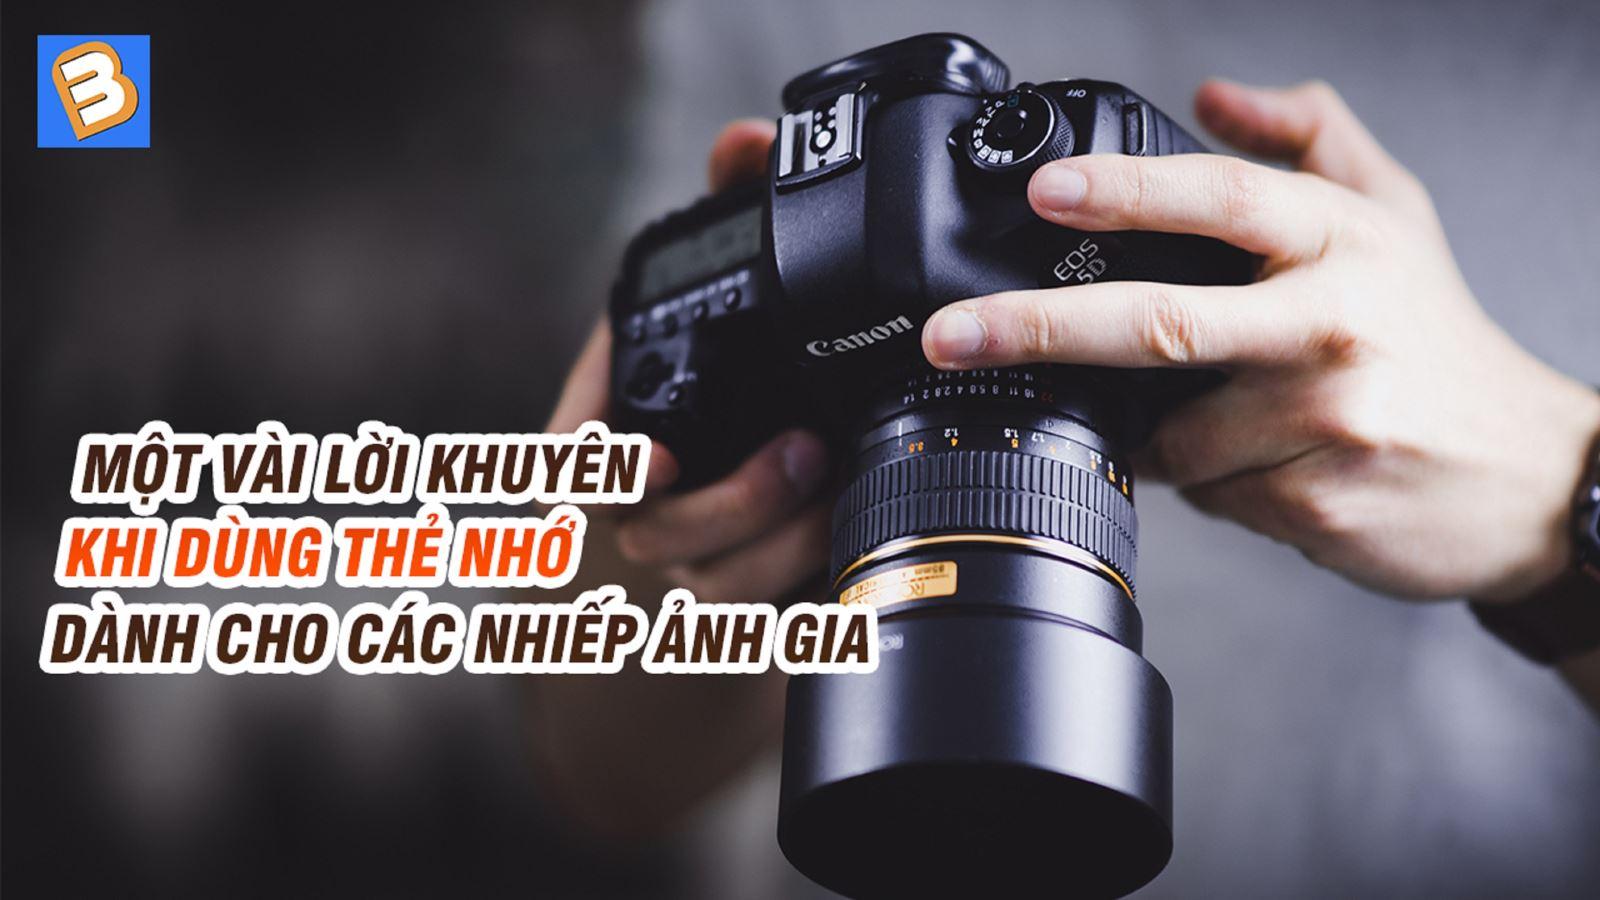 Một vài lời khuyên khi dùngthẻ nhớdành cho các nhiếp ảnh gia